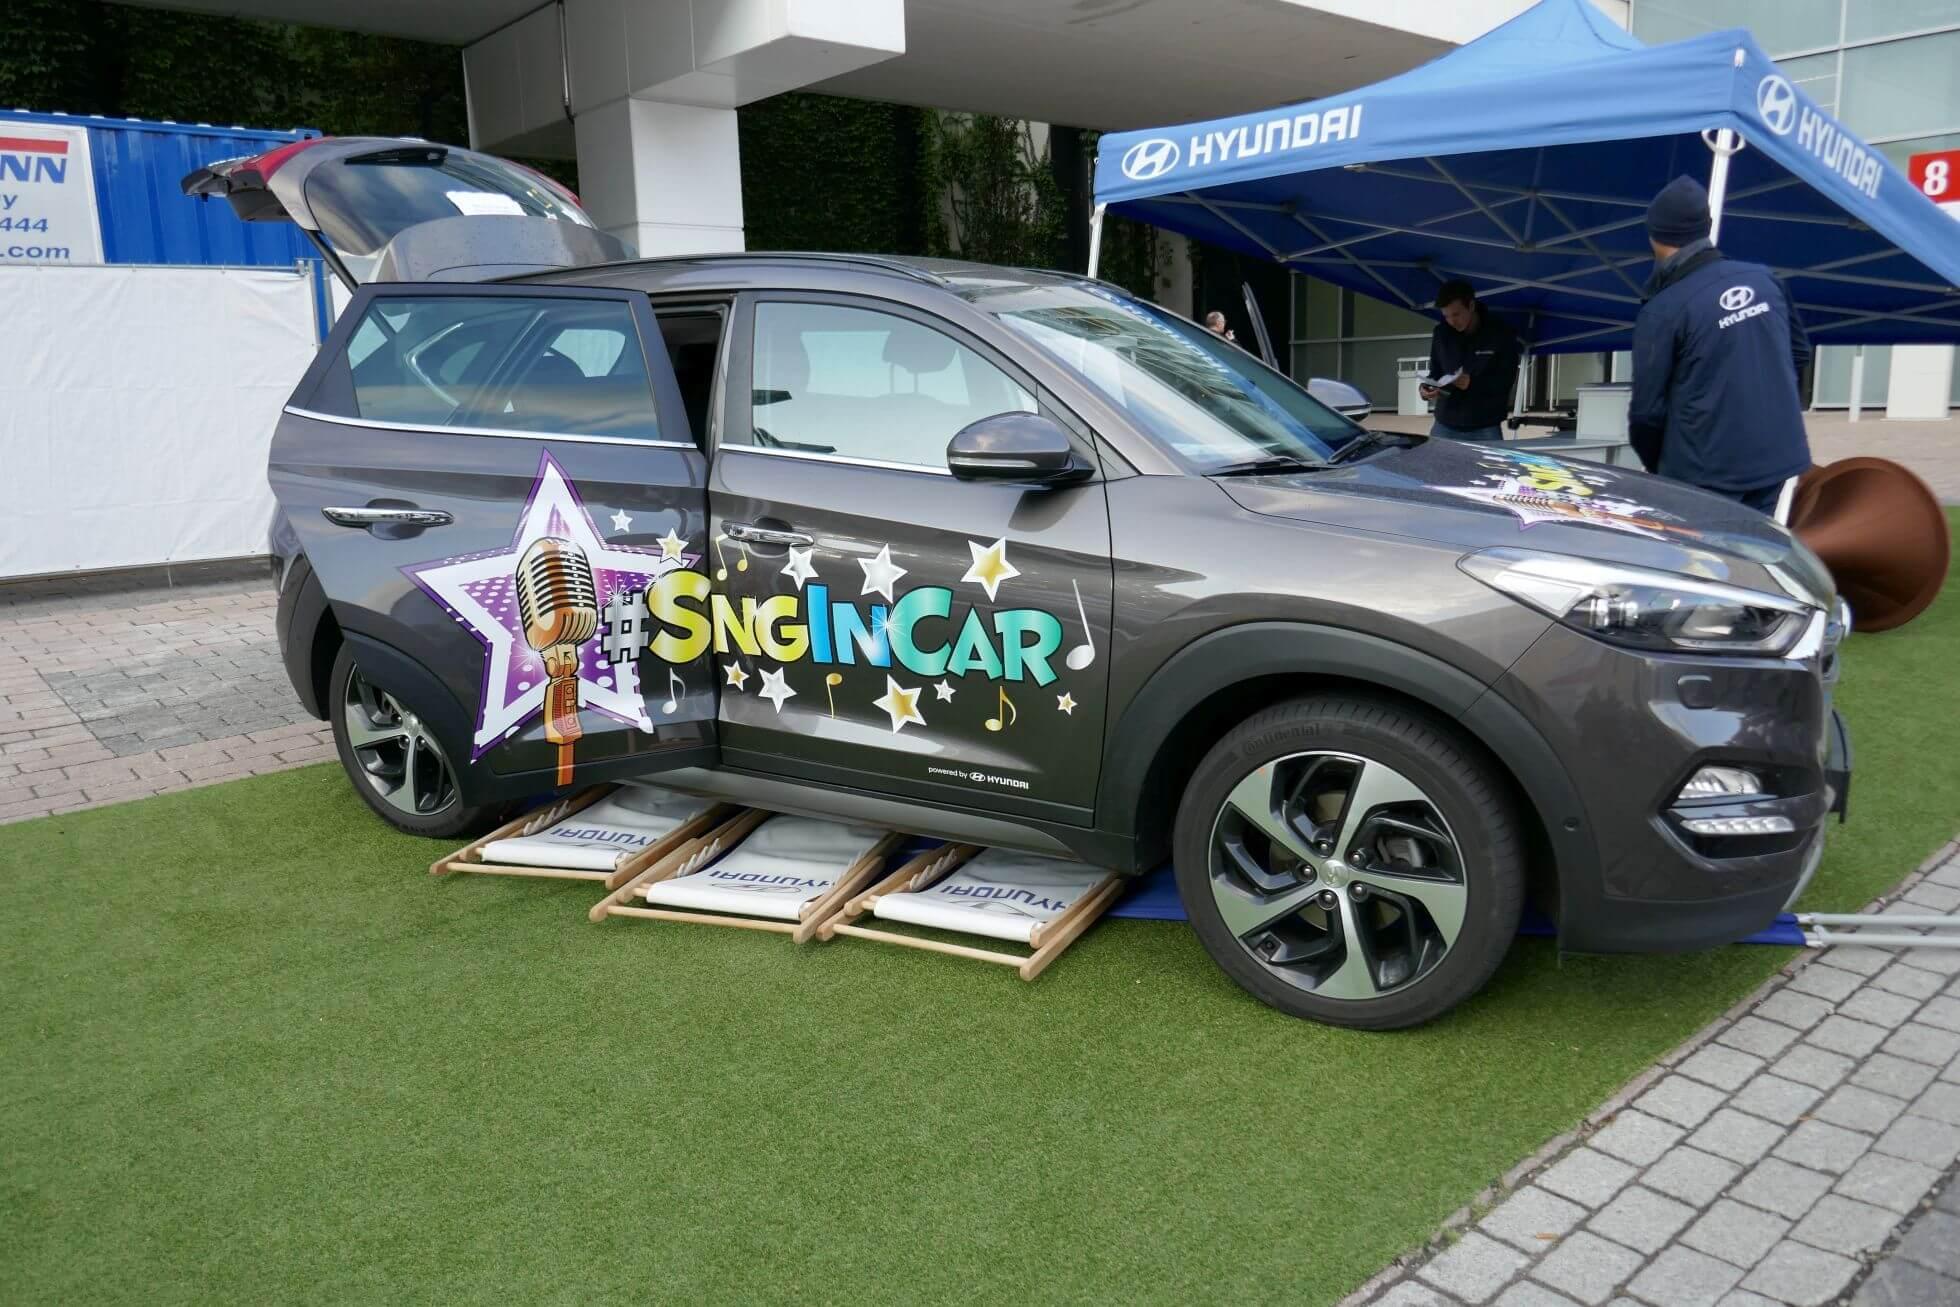 Kein SingStar, sondern Sing in Car: Hyundai-PKW mit eingebauter Karaokemaschine.